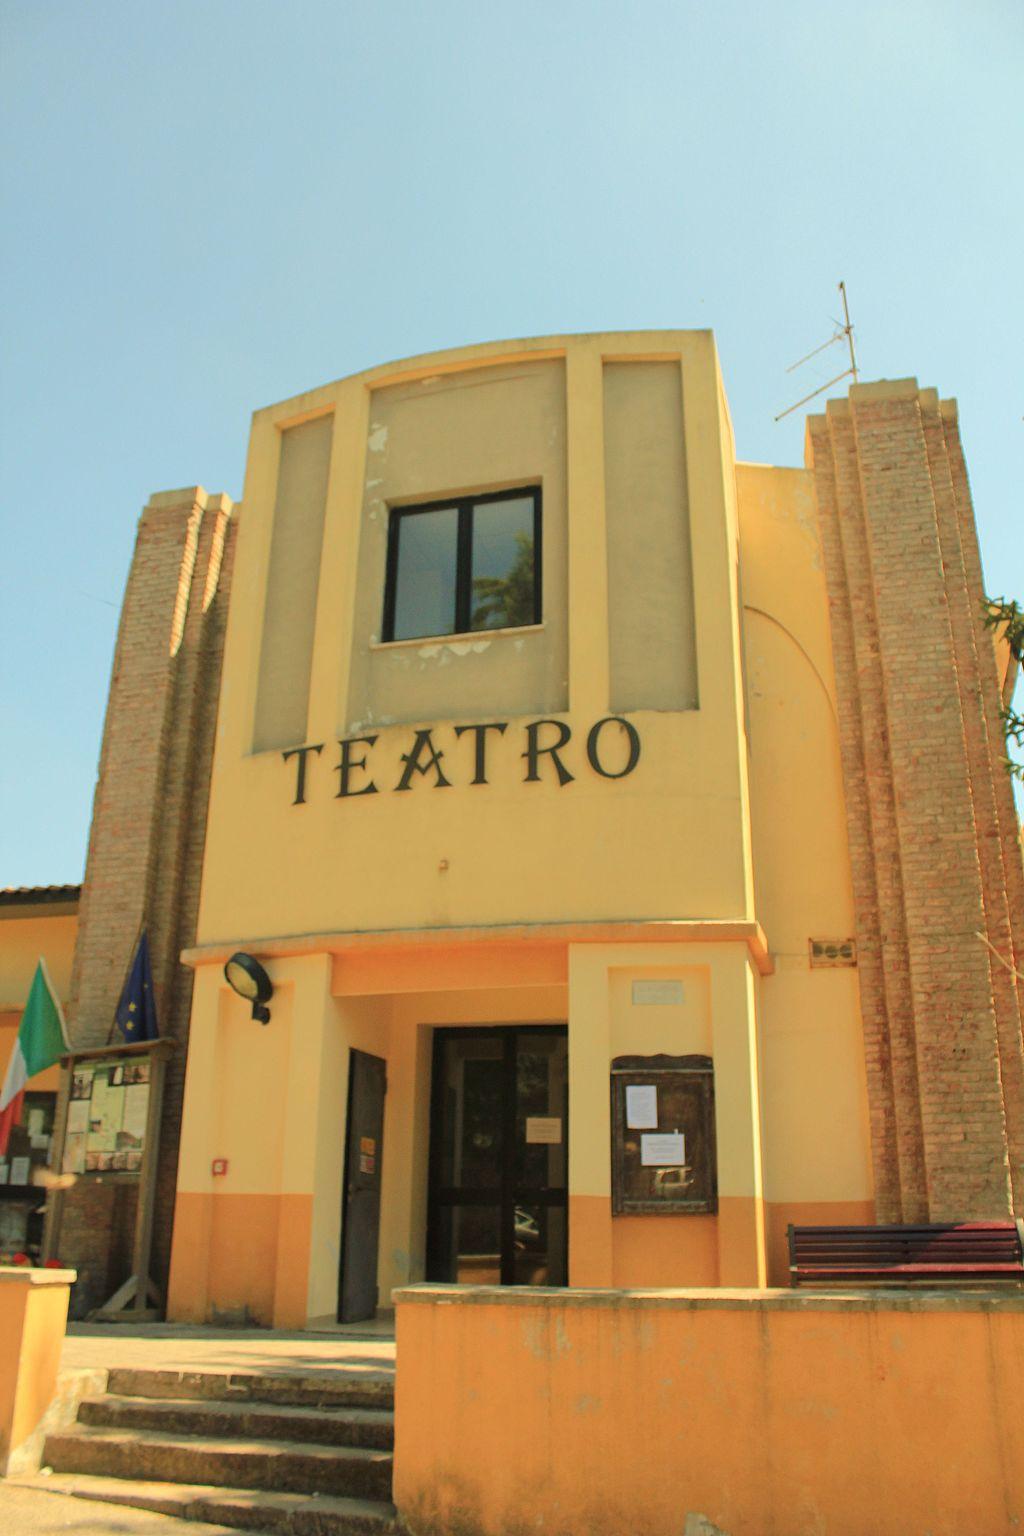 Teatro di Boccheggiano